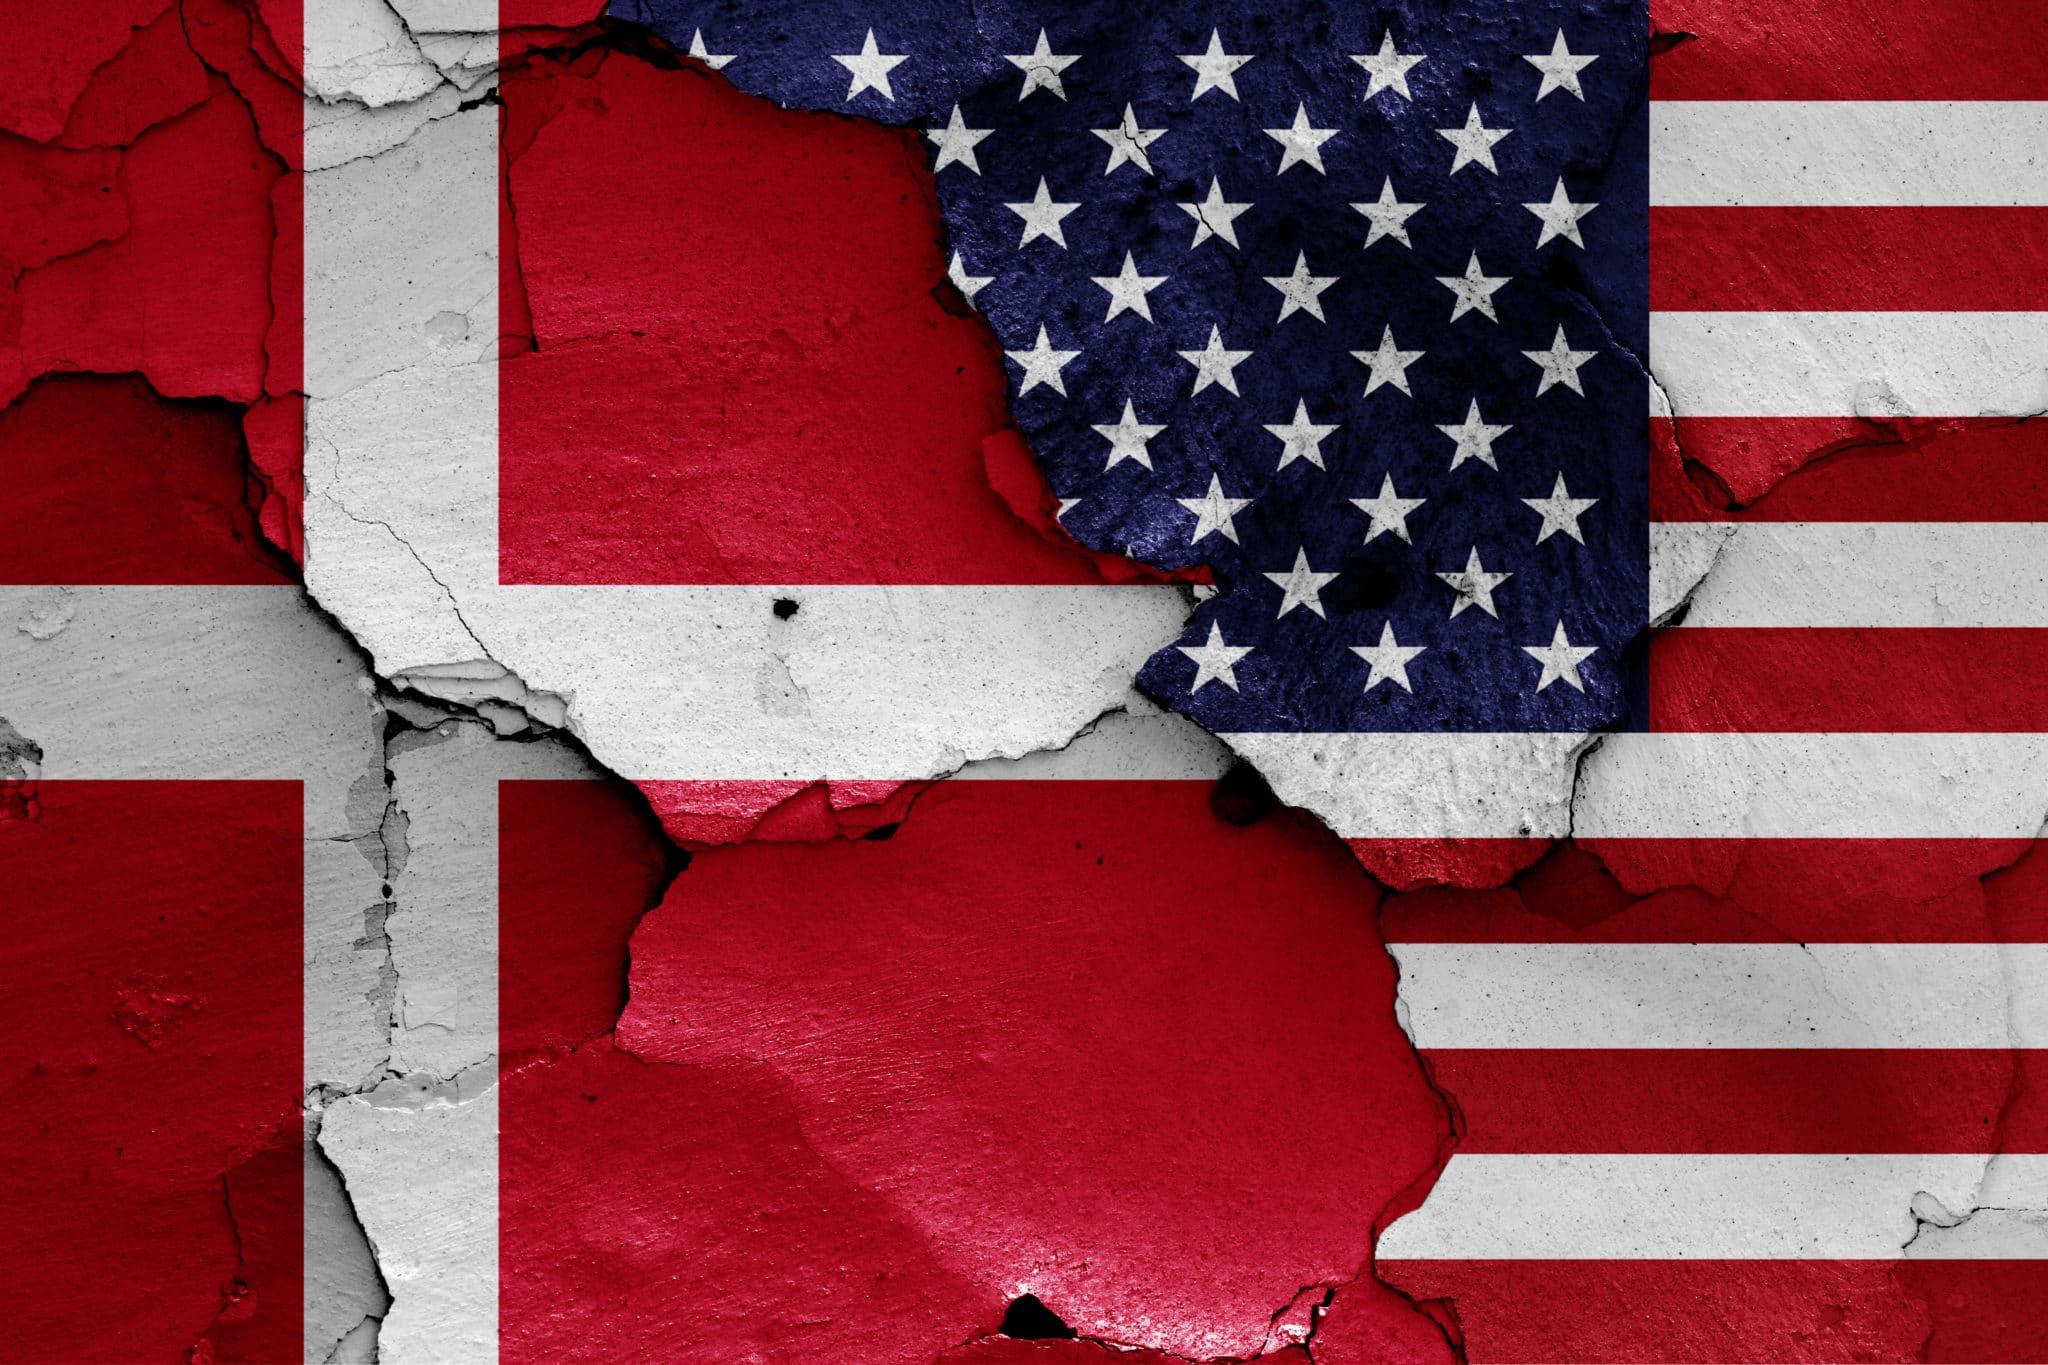 Hvad kan Danmark og USA lære af hinanden?